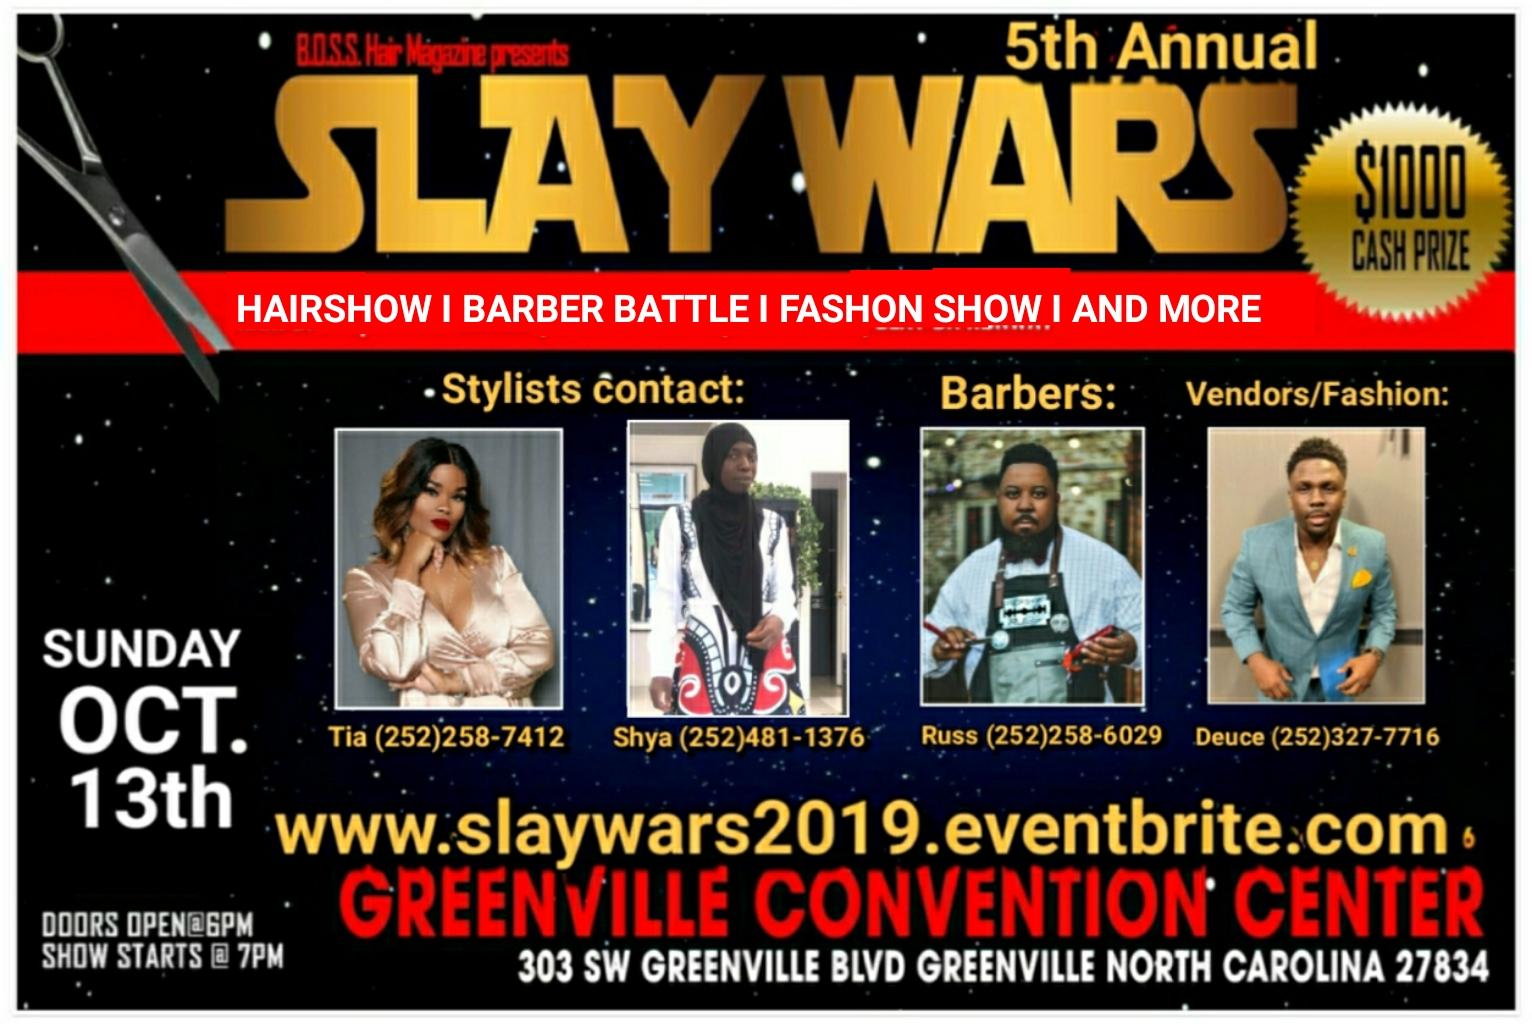 Slay Wars Hair Show & Barber Battle Tickets, Sun, Oct 13